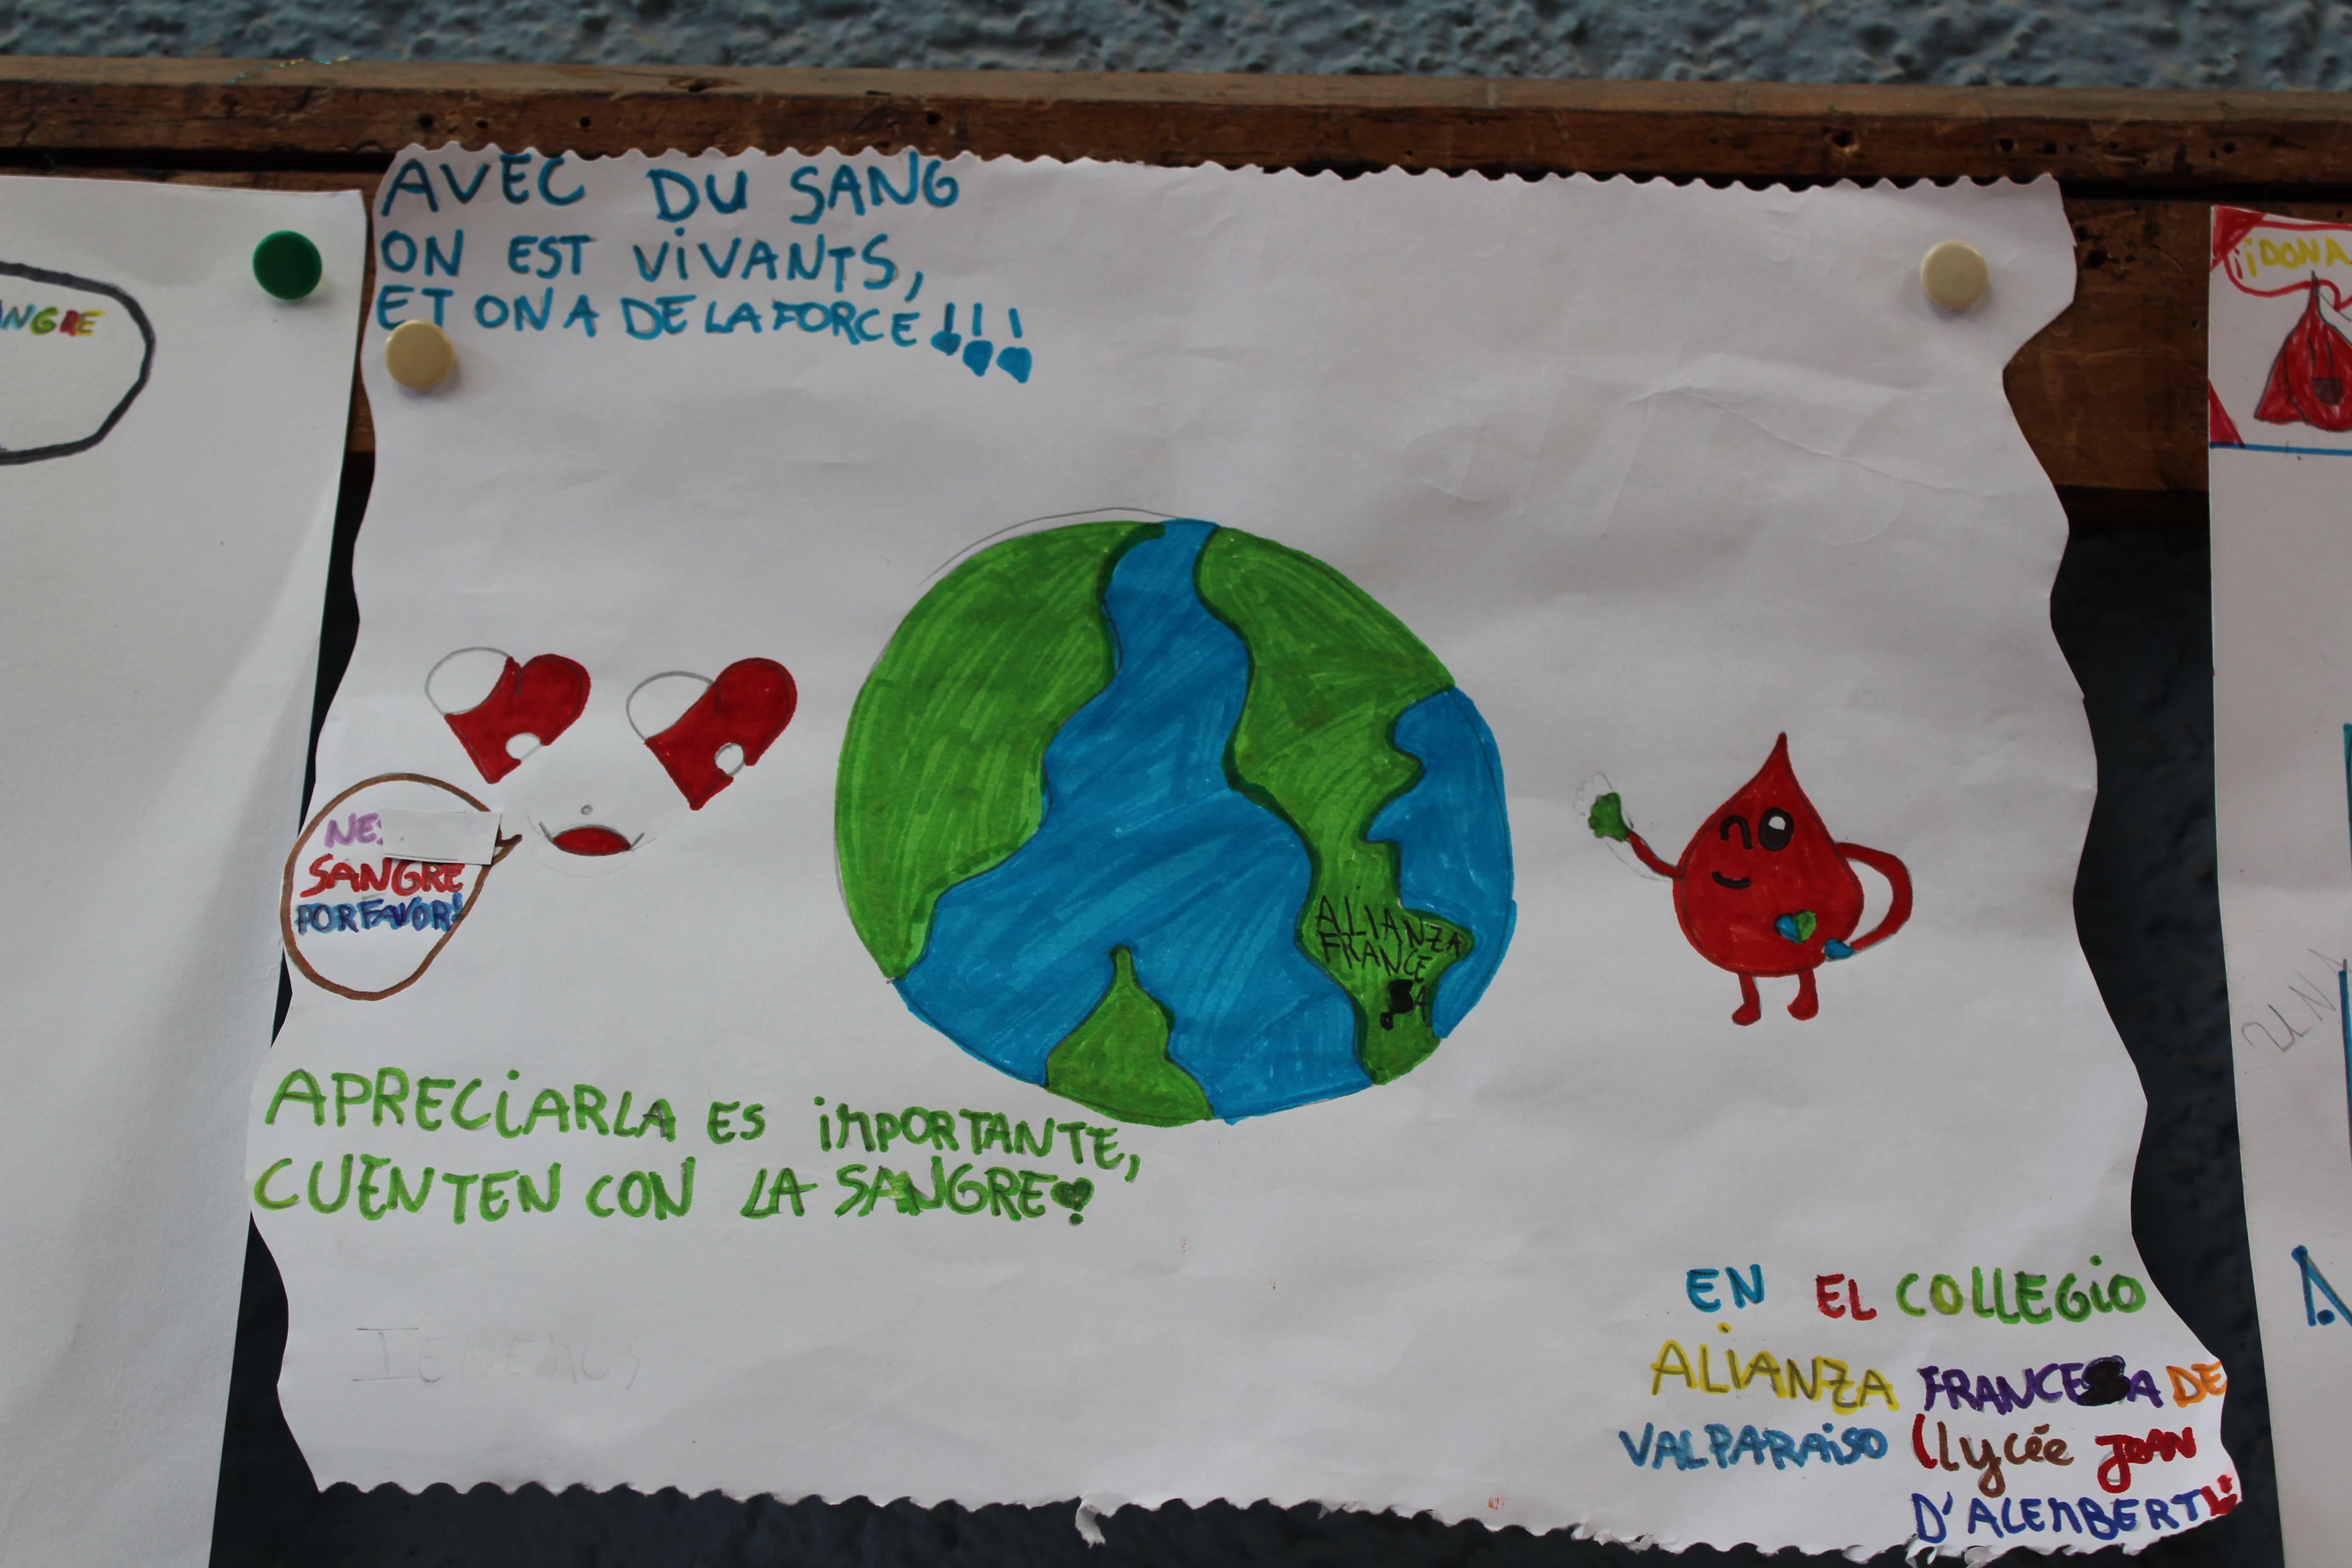 La Campagne de donation de sang en images